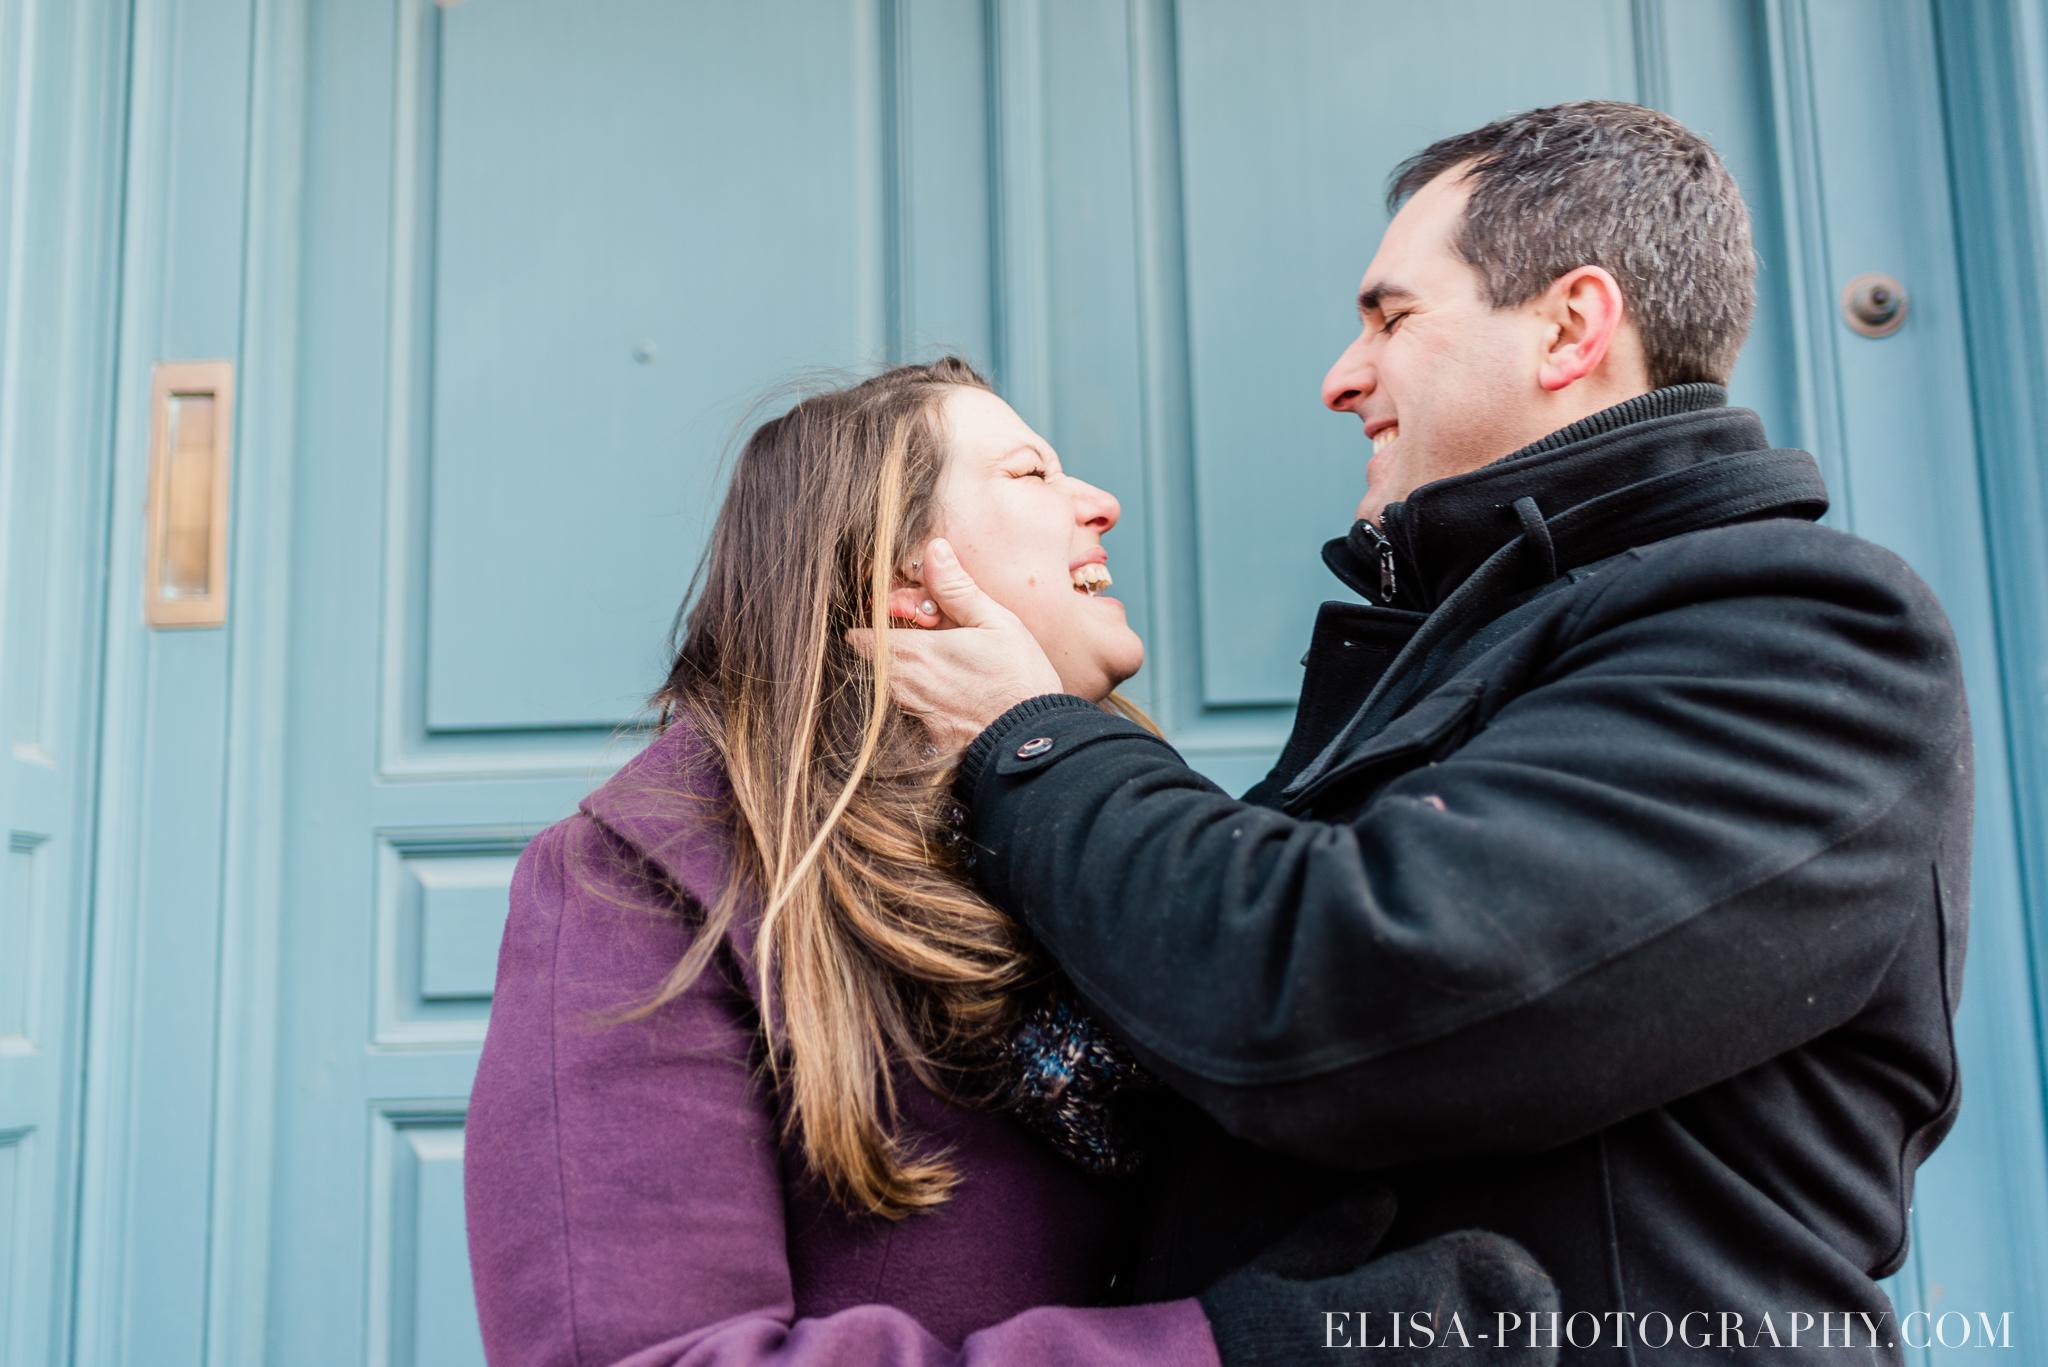 pourquoi faire seance fiancailles avant mariage 4465 - 4 raisons pourquoi tu dois toujours faire une séance fiançailles avant ton mariage